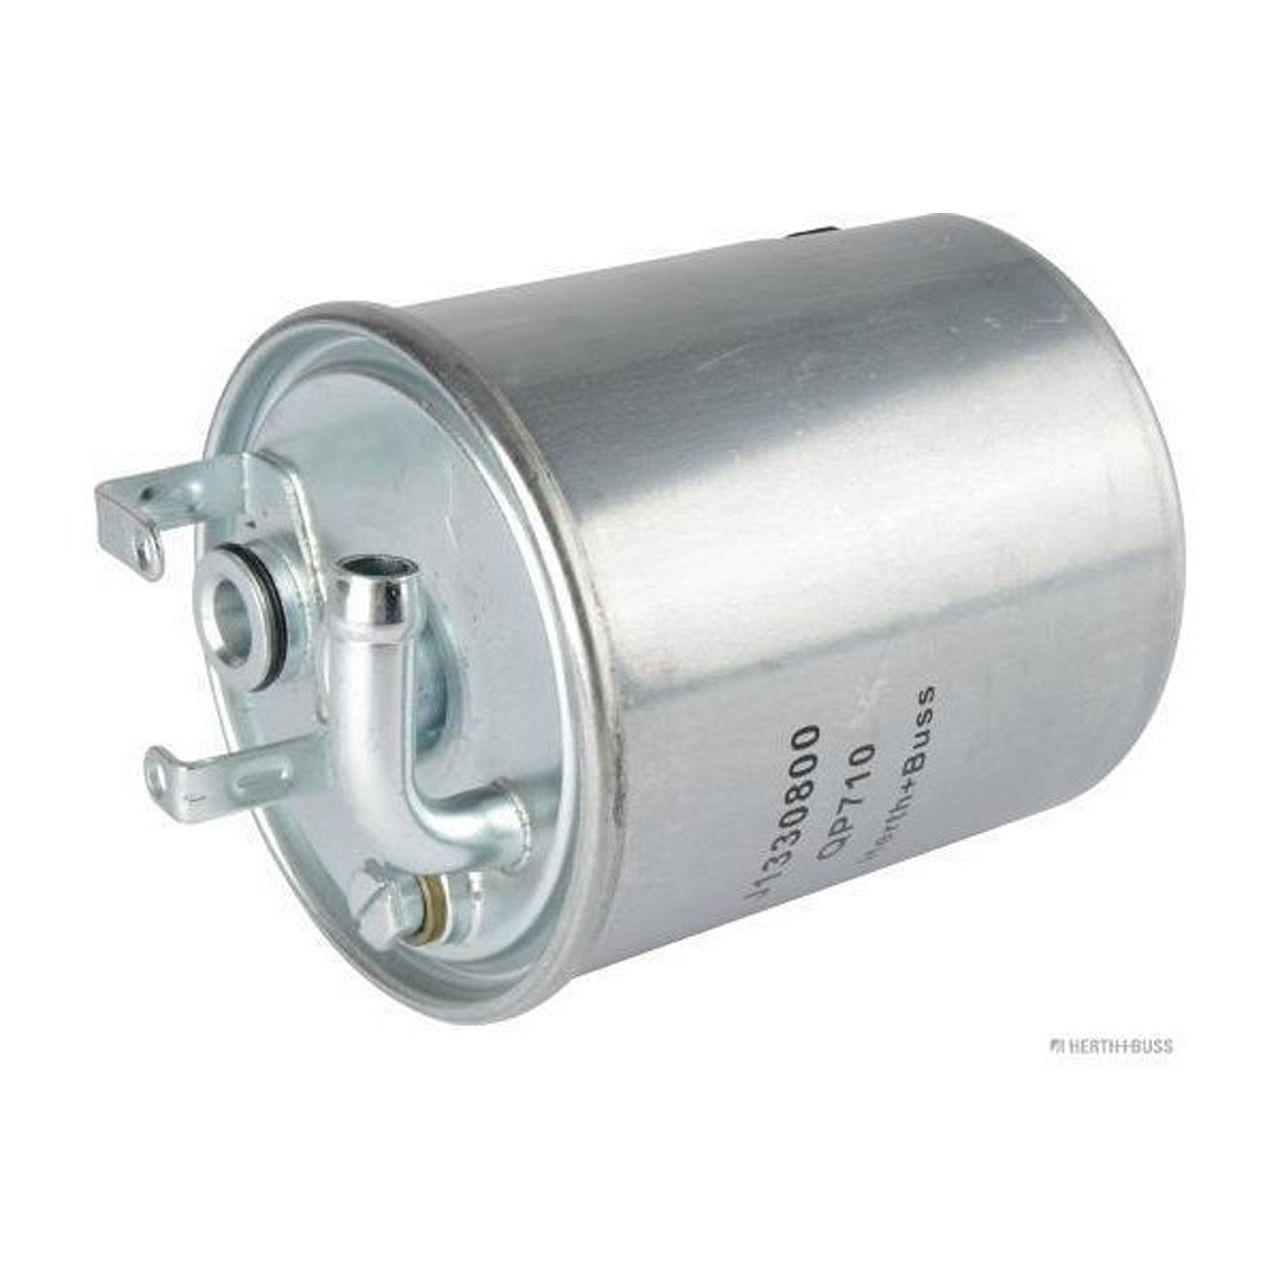 HERTH+BUSS JAKOPARTS Dieselfilter für JEEP GRAND CHEROKEE 2.7 CRD 4x4 J1330800